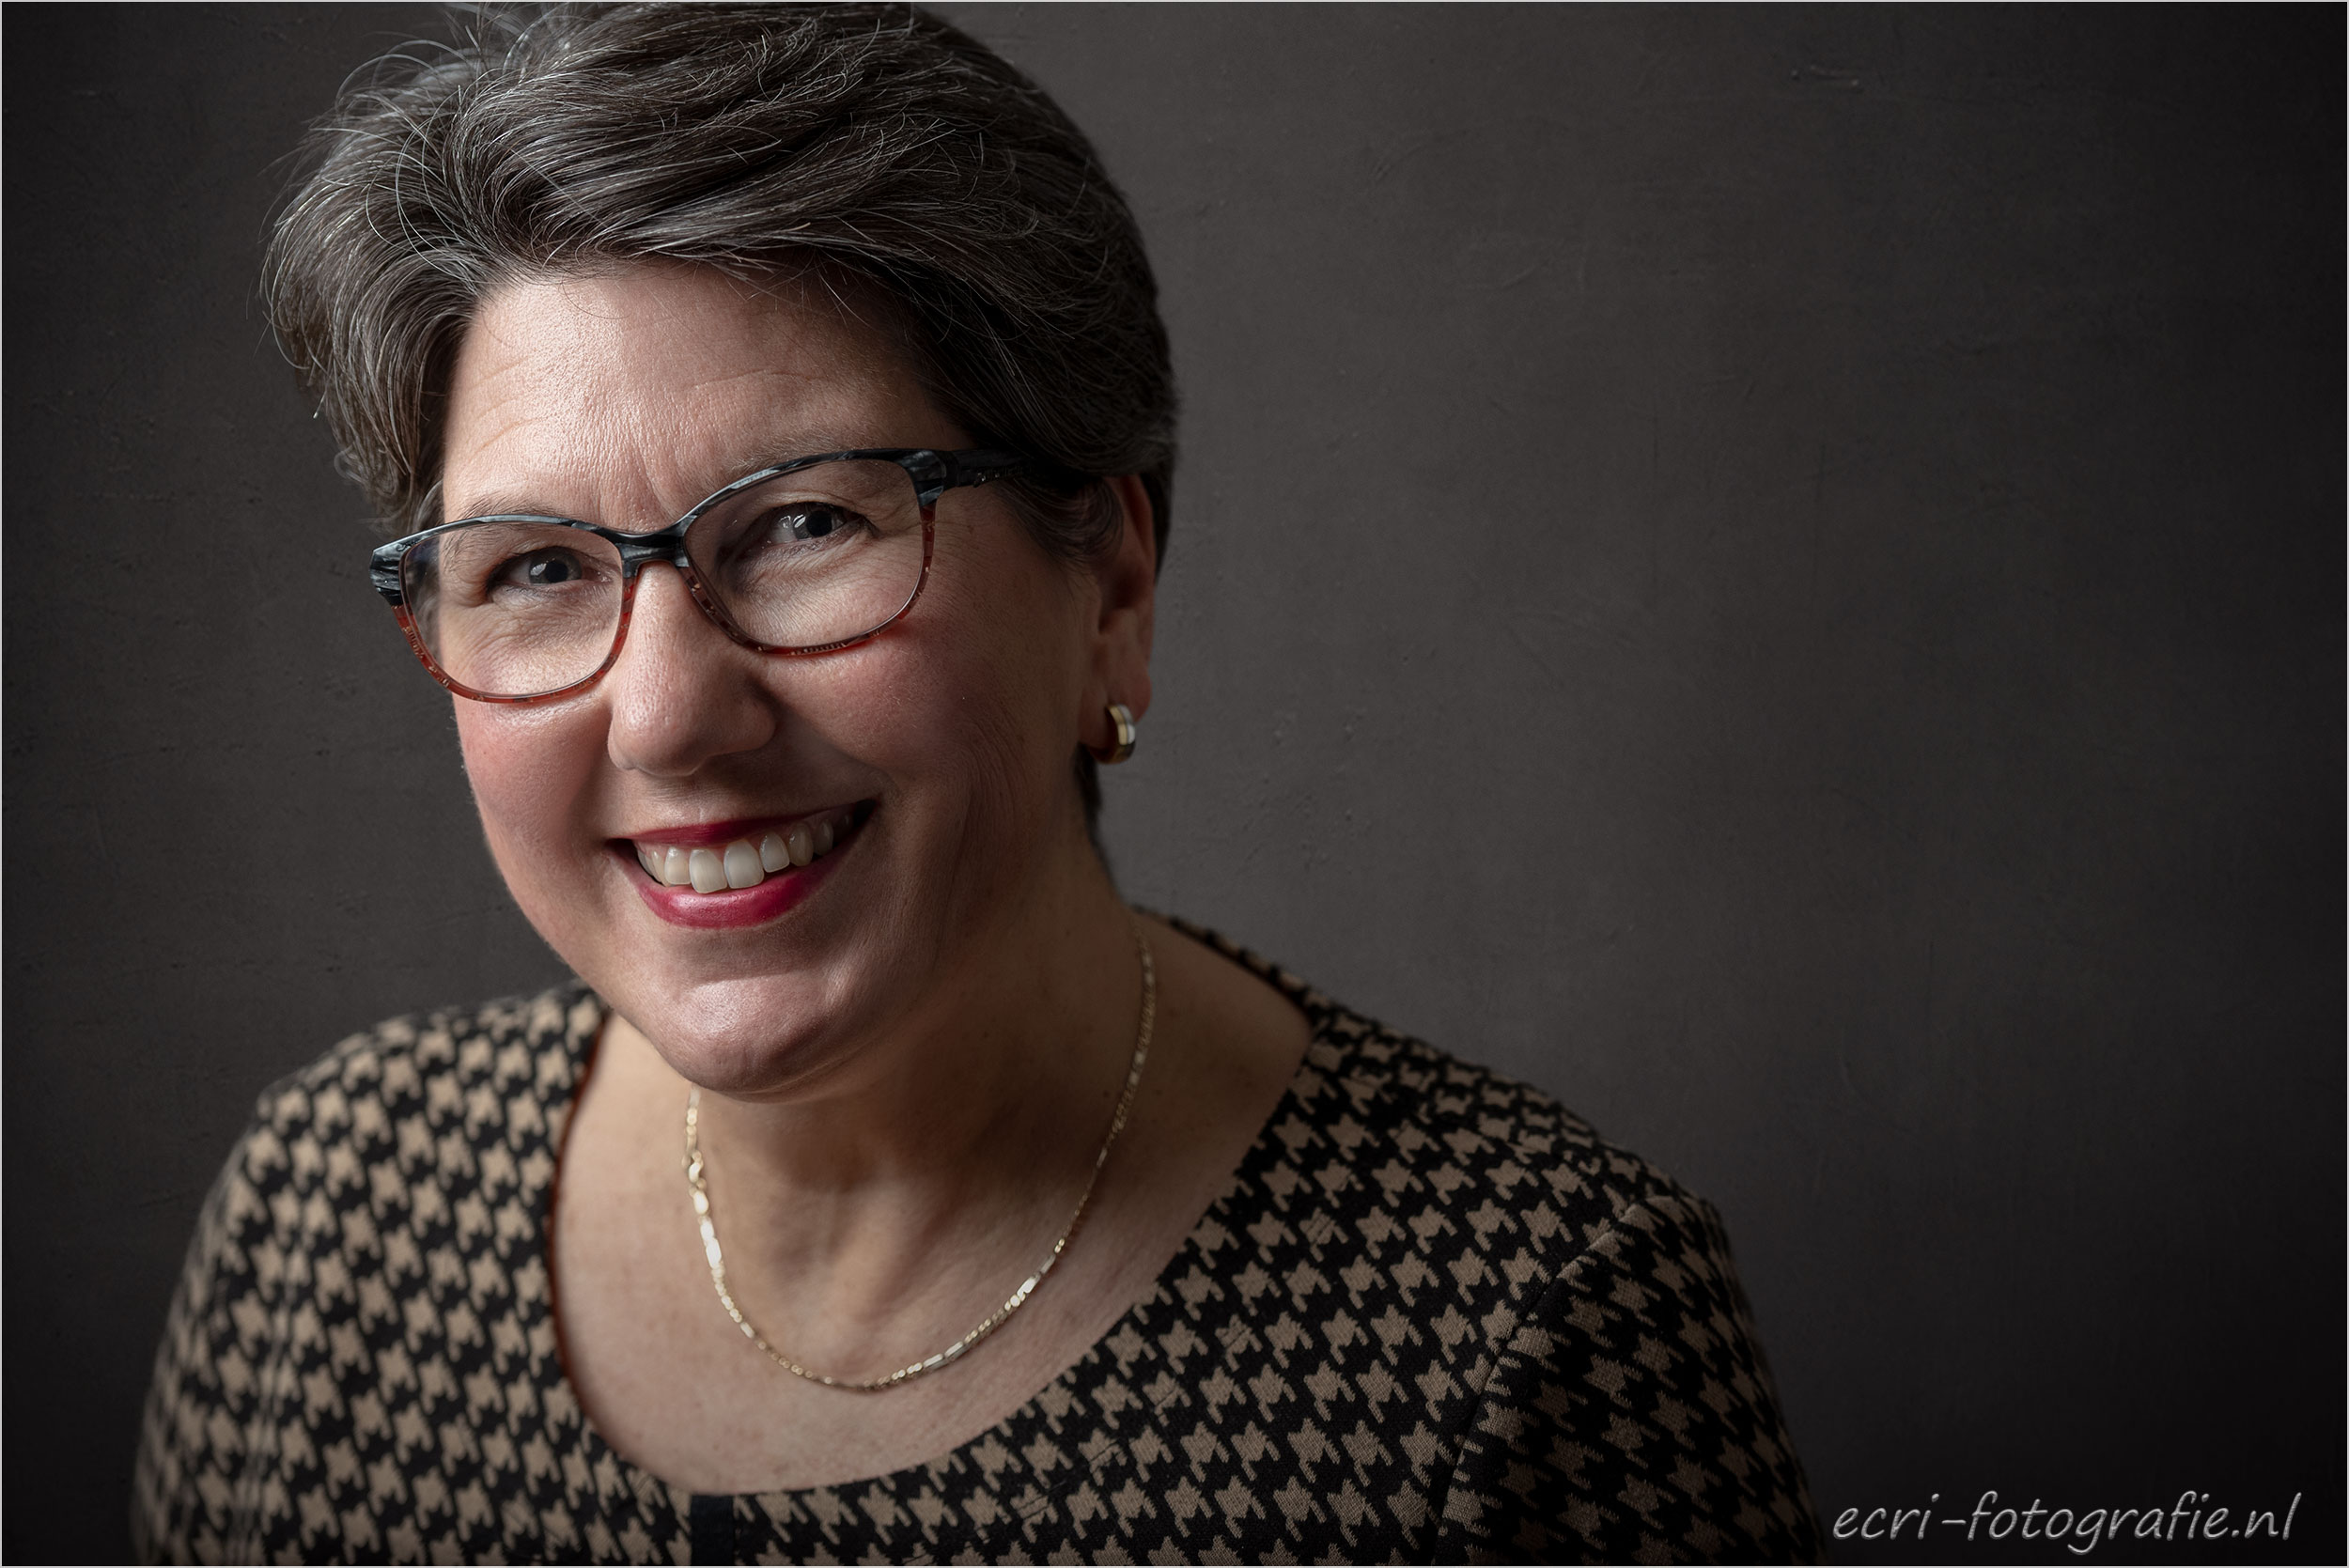 zakelijk portret, LinkedIn, Headshot, ecru-fotografie, Eric de Jonge